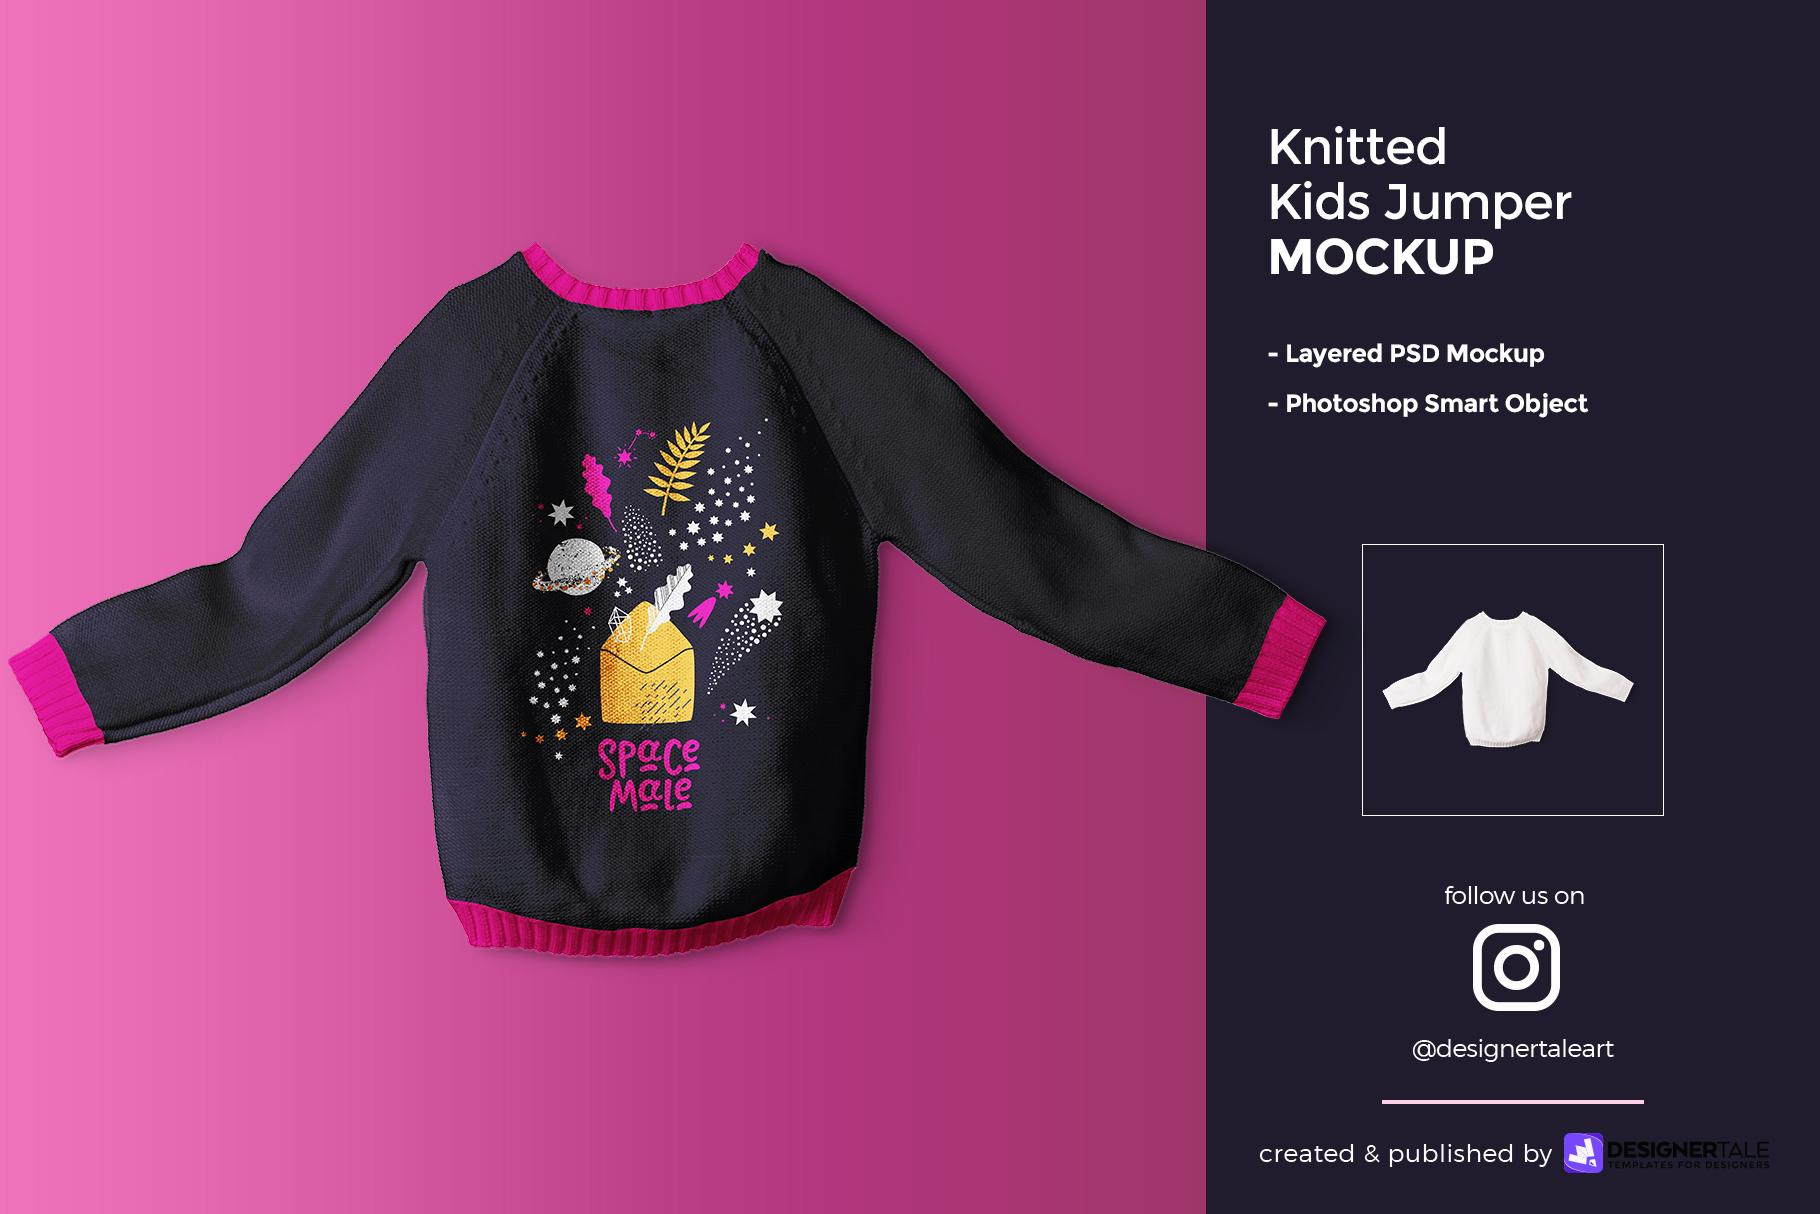 knitted kids jumper mockup